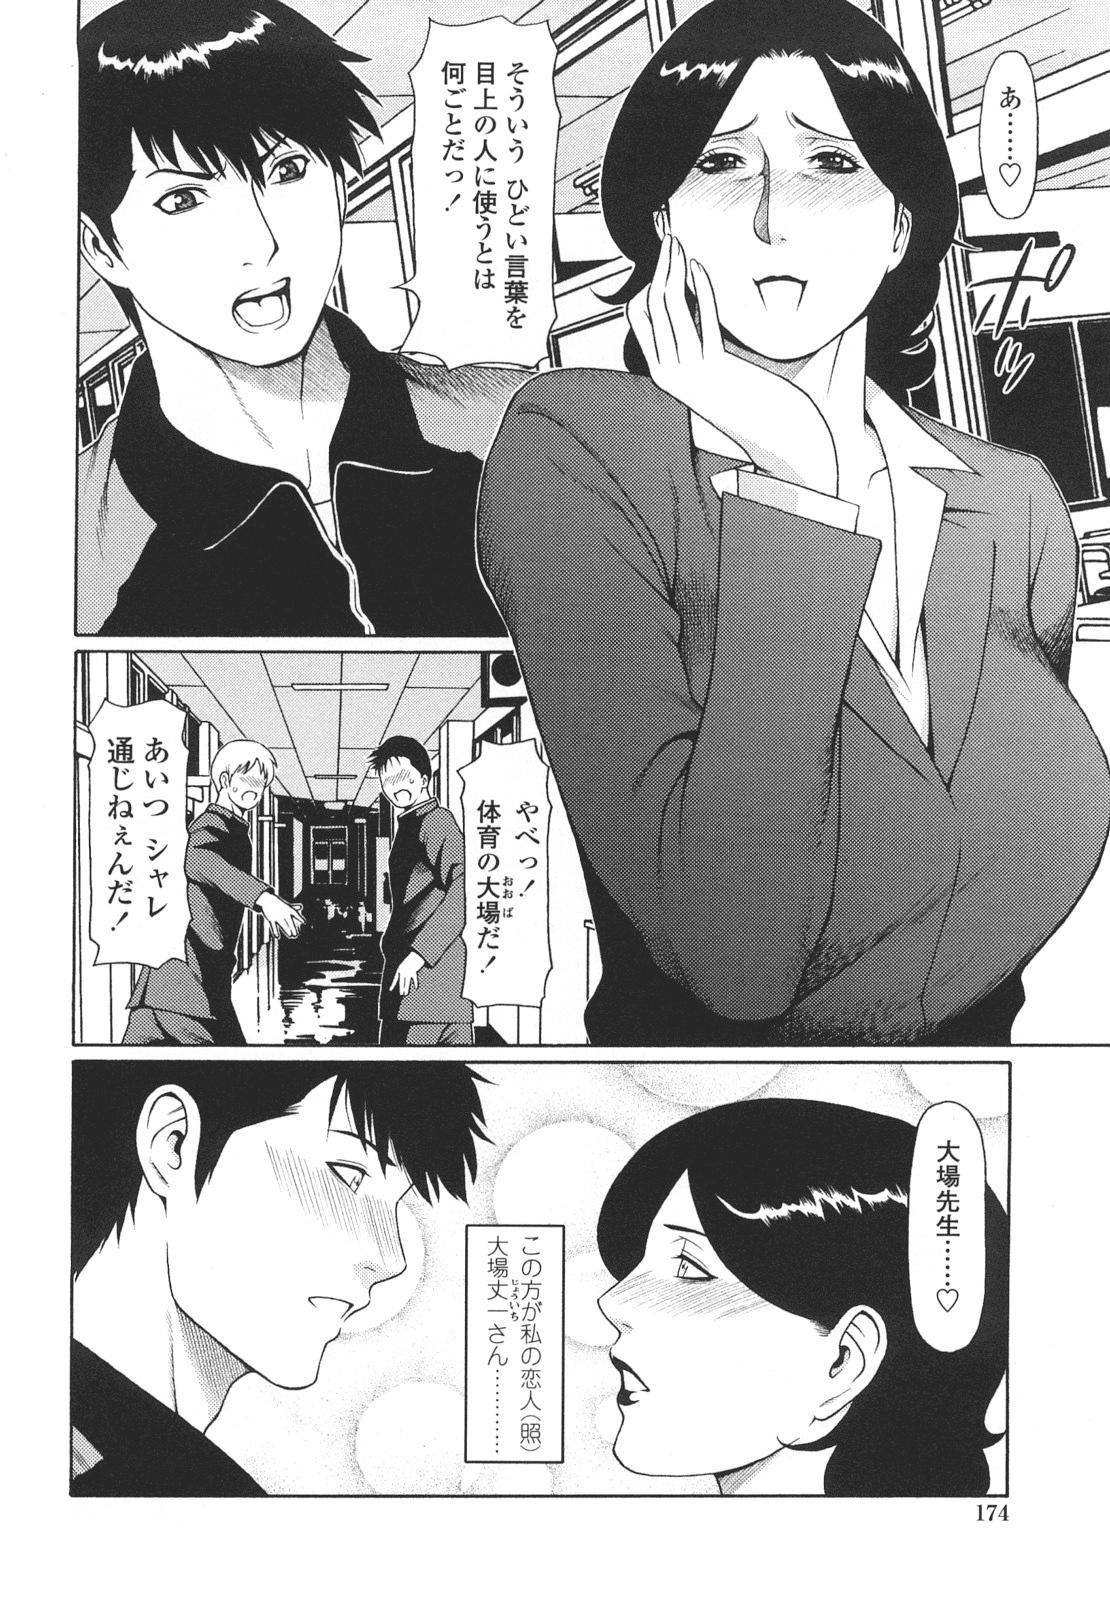 [Takasugi Kou] Kindan no Haha-Ana - Immorality Love-Hole Ch. 11-12 [Decensored] 1